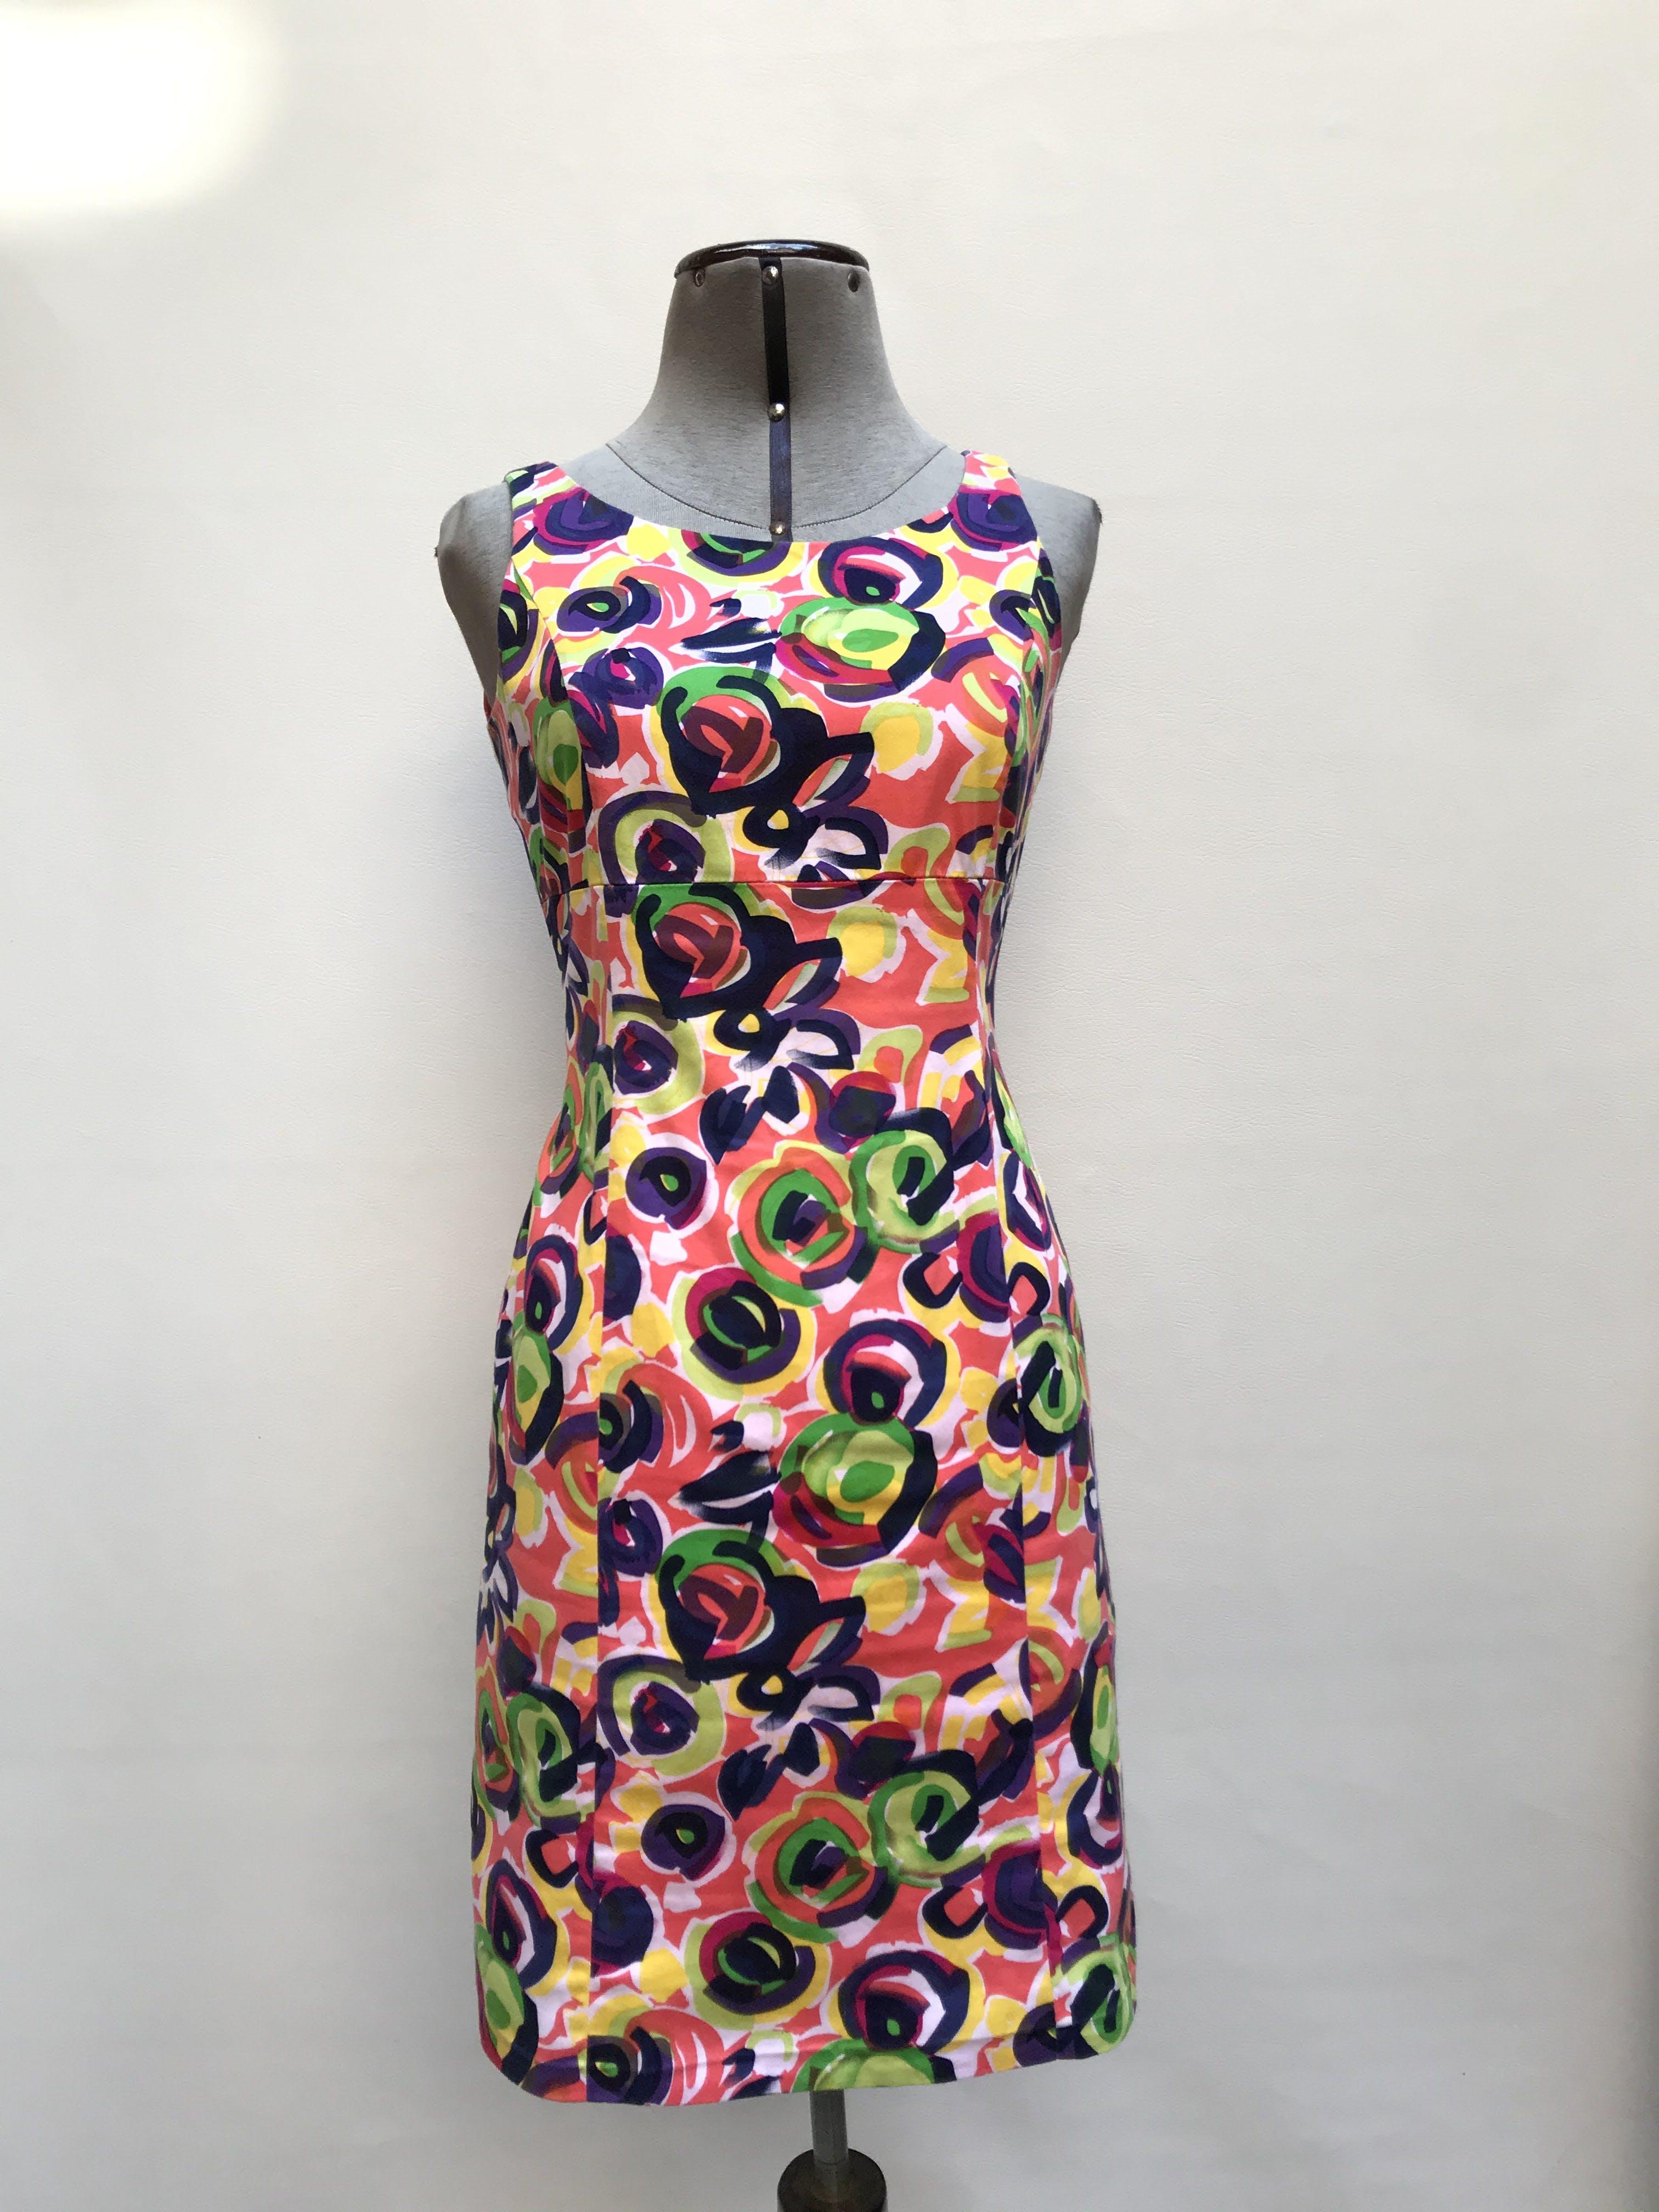 Vestido coral con estampado gráfico multicolor, corte recto, forrado, con cierre posterior, tela tipo algodón. Talla S